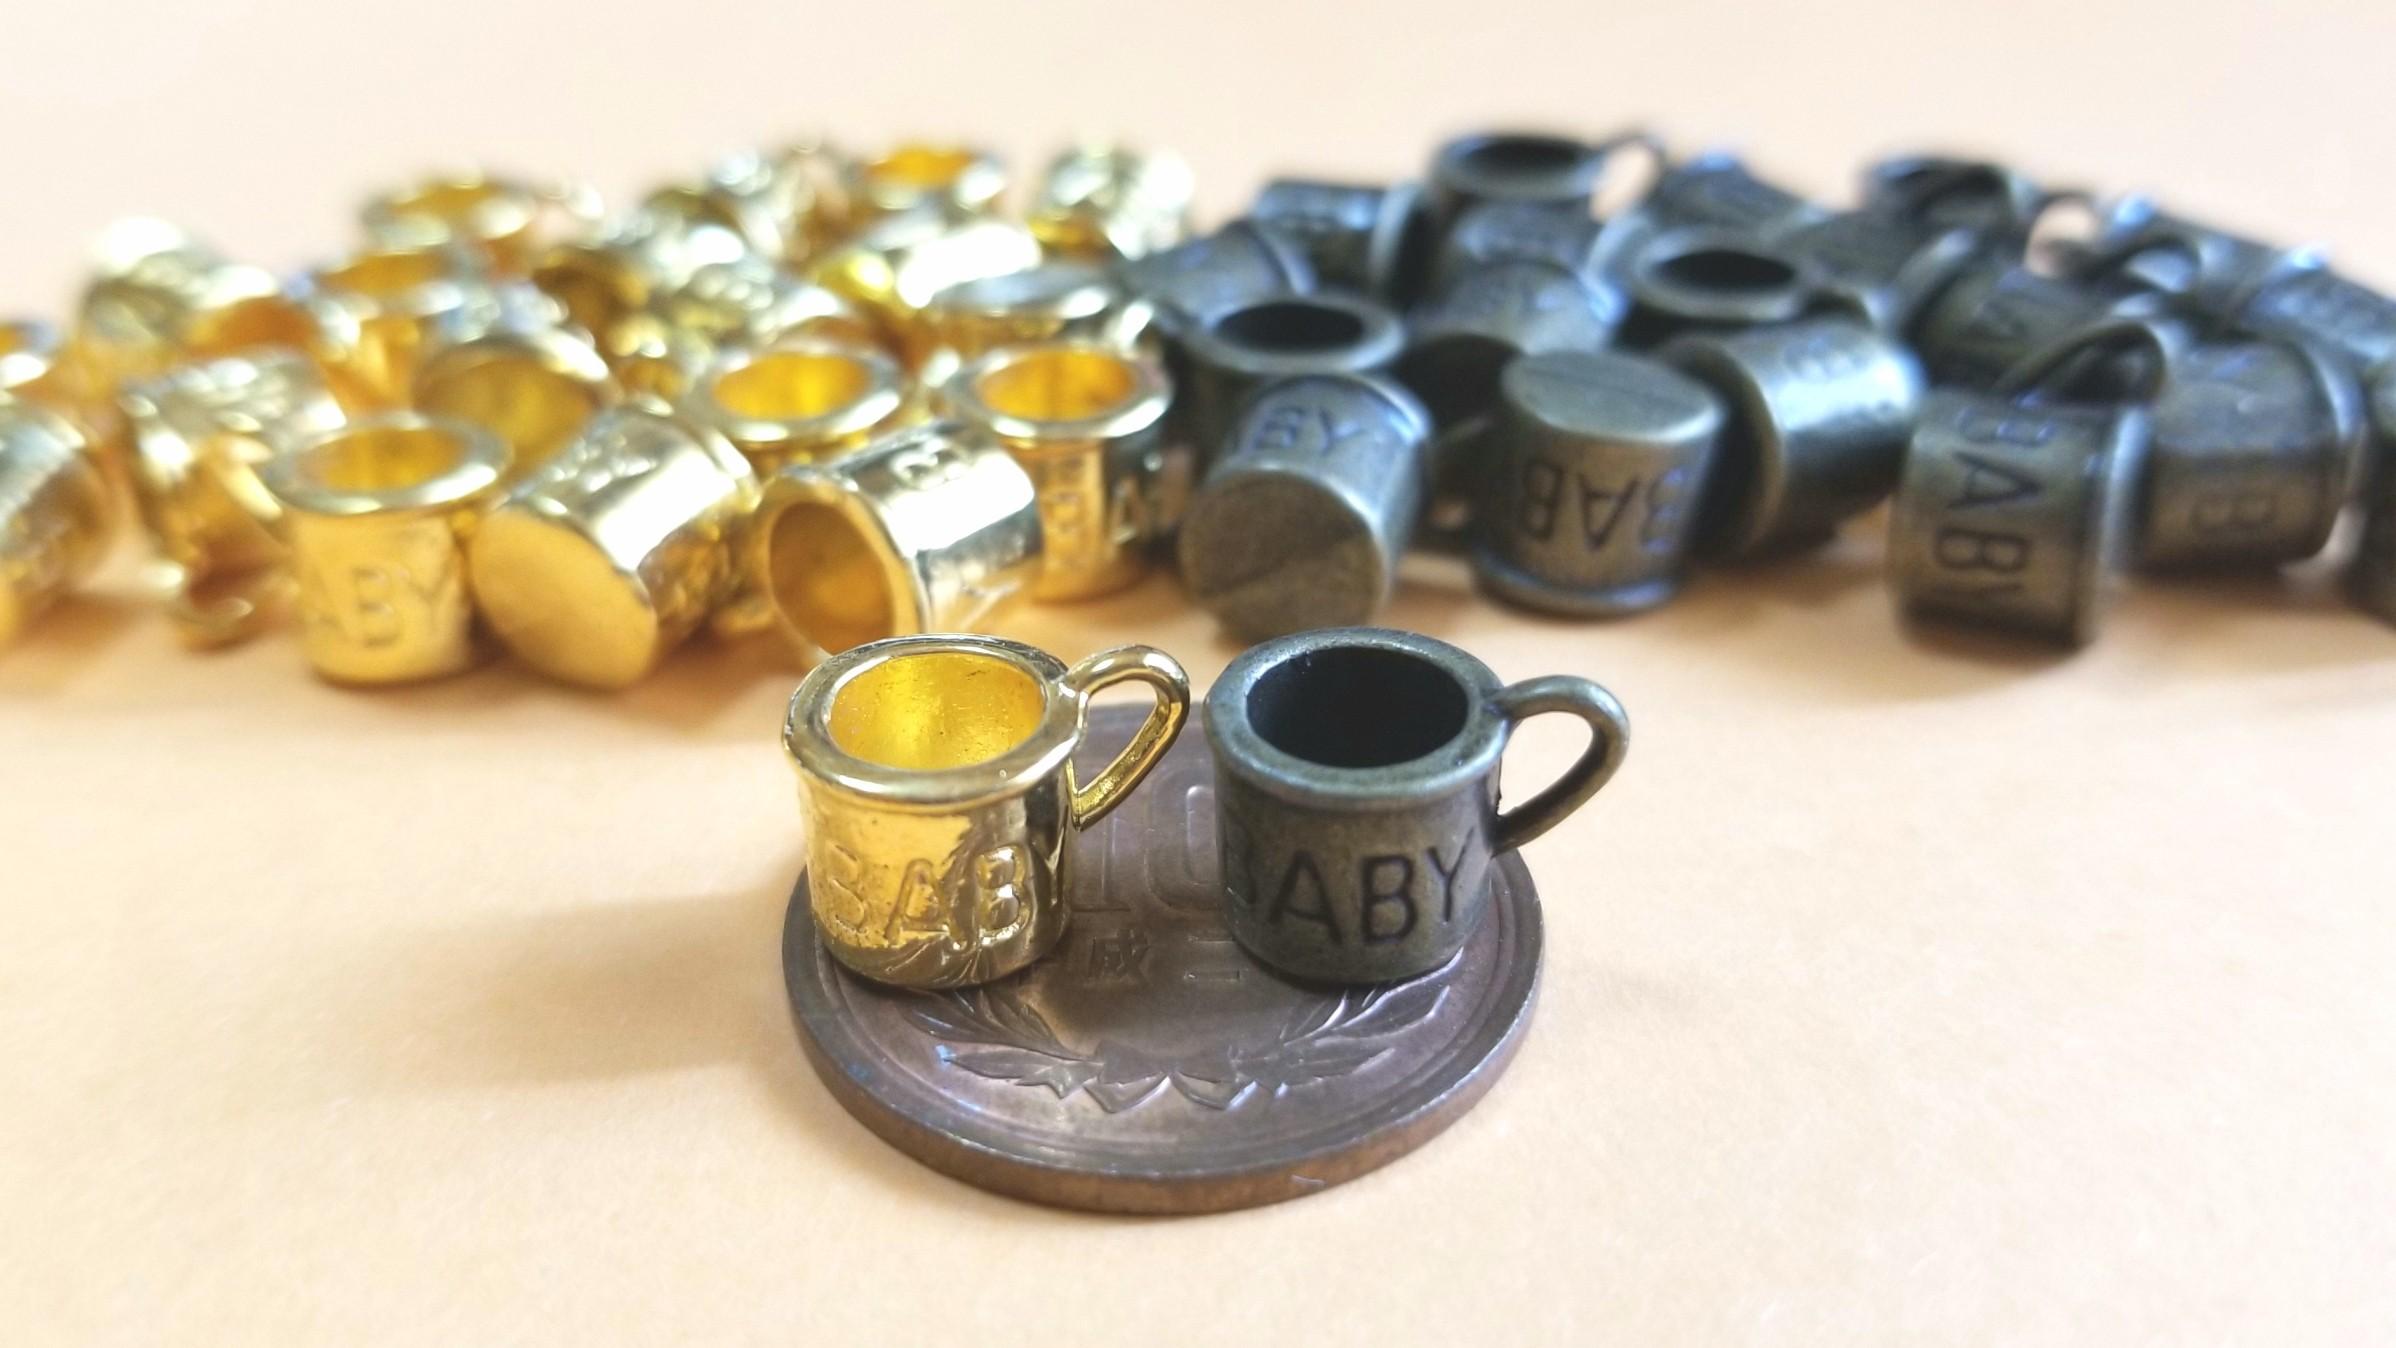 マグカップのチャーム,金古美,ゴールド,ミニサイズ,道具材料,購入